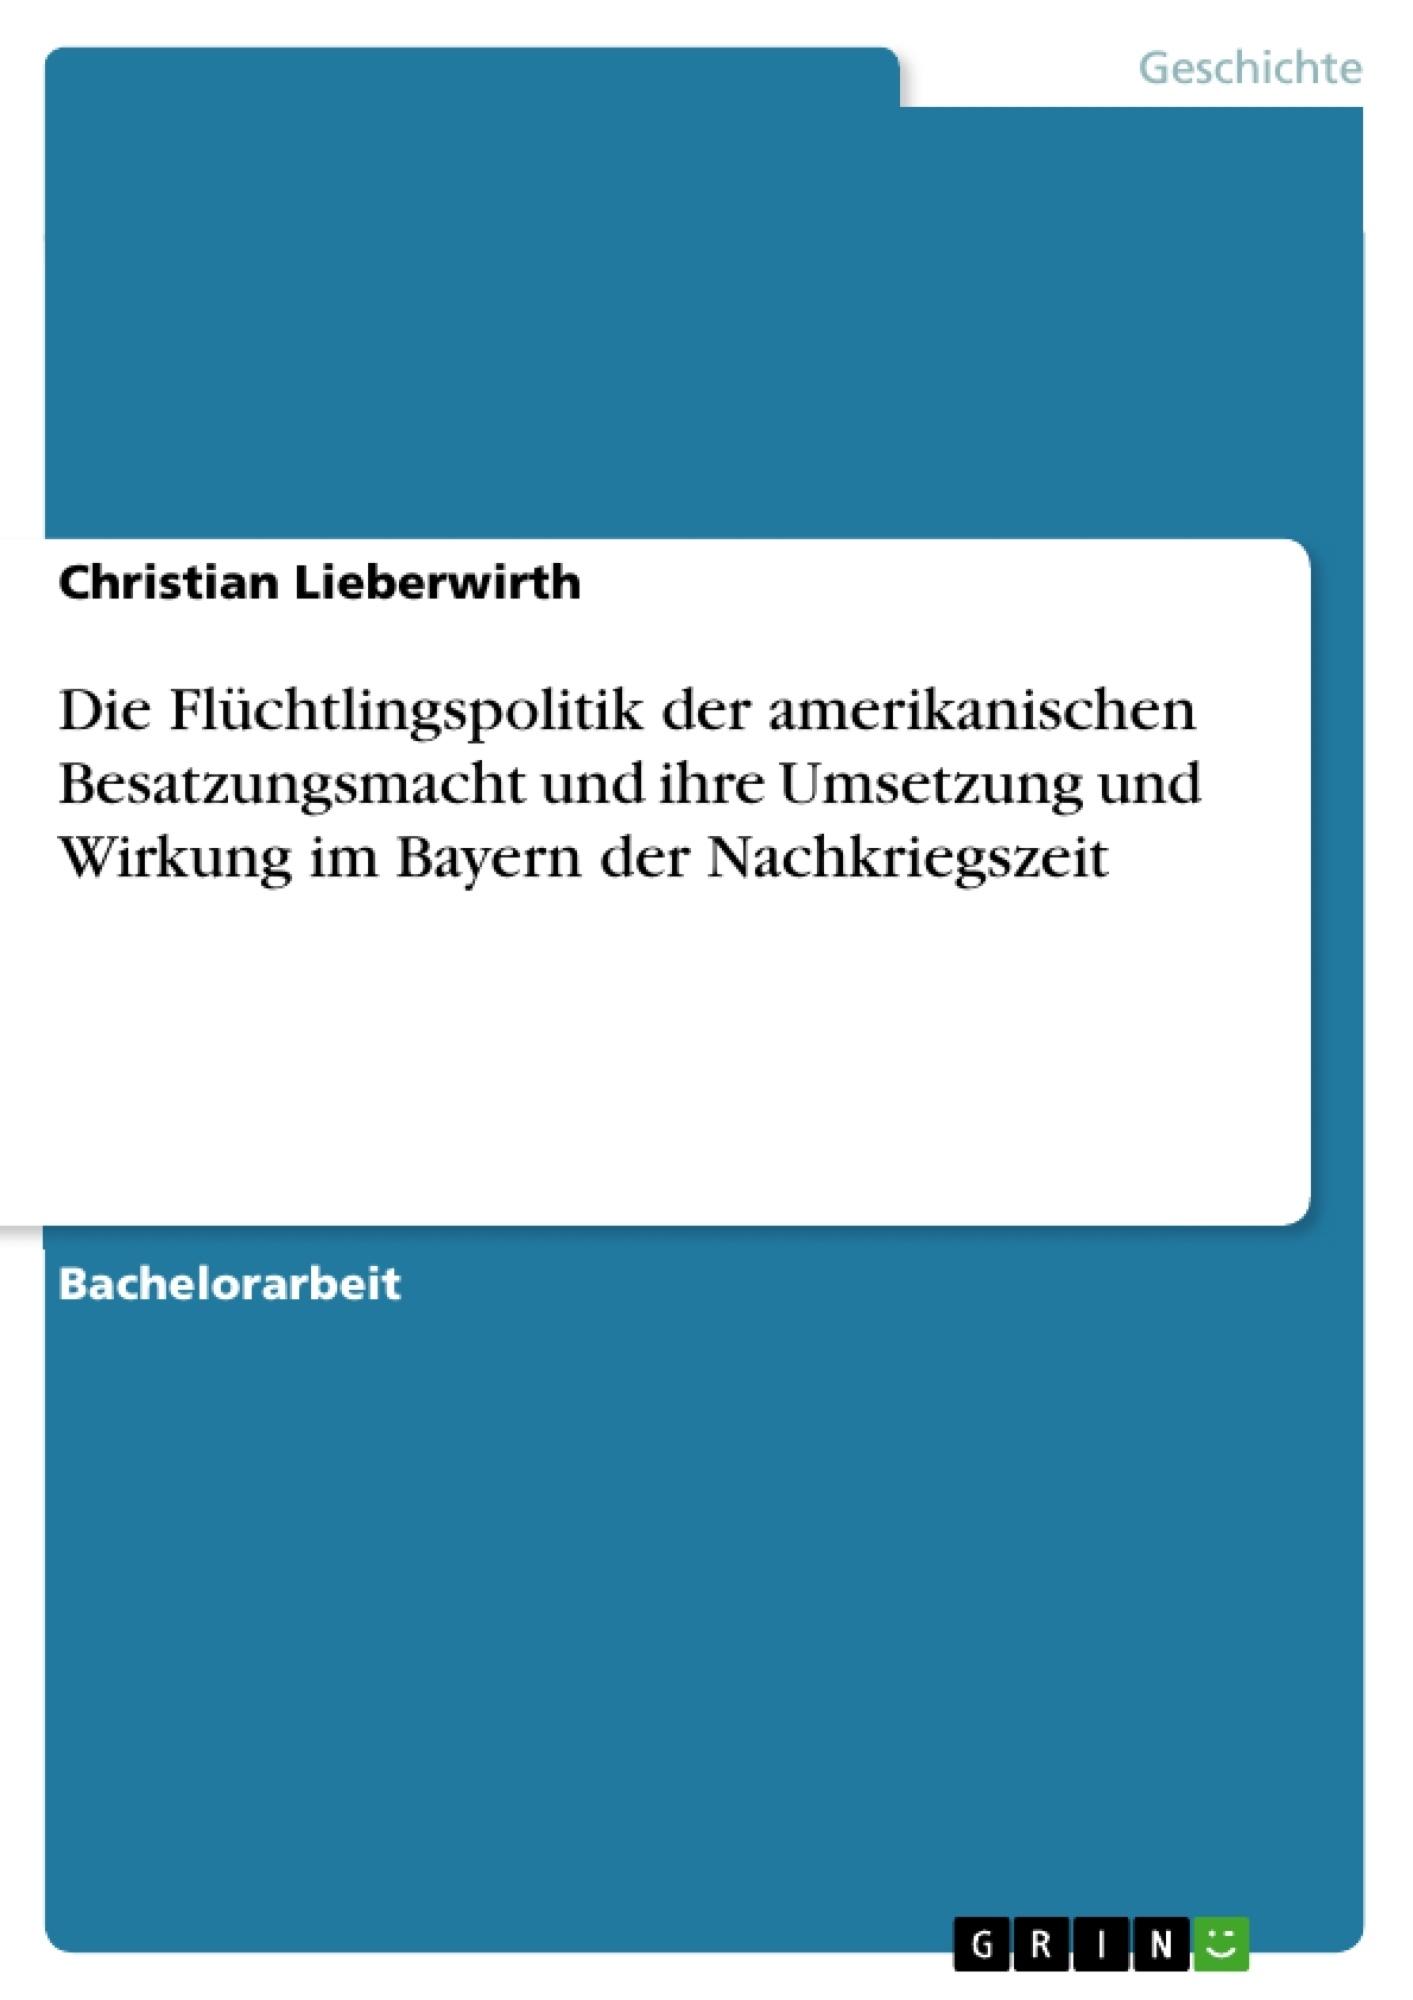 Titel: Die Flüchtlingspolitik der amerikanischen Besatzungsmacht und ihre Umsetzung und Wirkung im Bayern der Nachkriegszeit